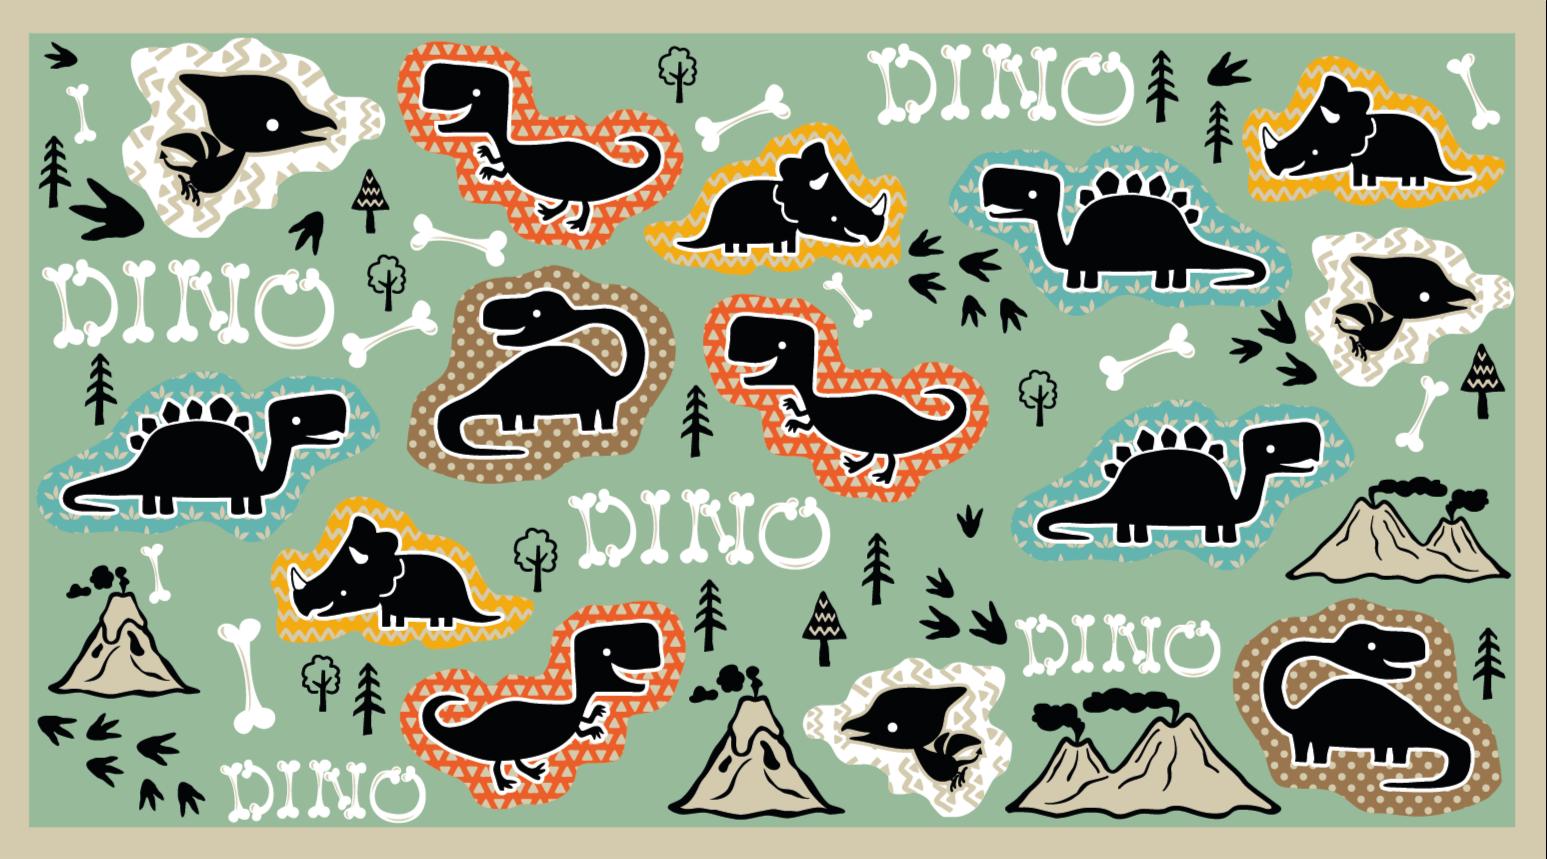 TenStickers. Ossos de dinossauro com padrão de tapete animal. Um tapete de animais com padrão de ossos de dinossauros com fósseis e desenhos de dinossauros na cor verde militar para decorar o quarto do seu filho.